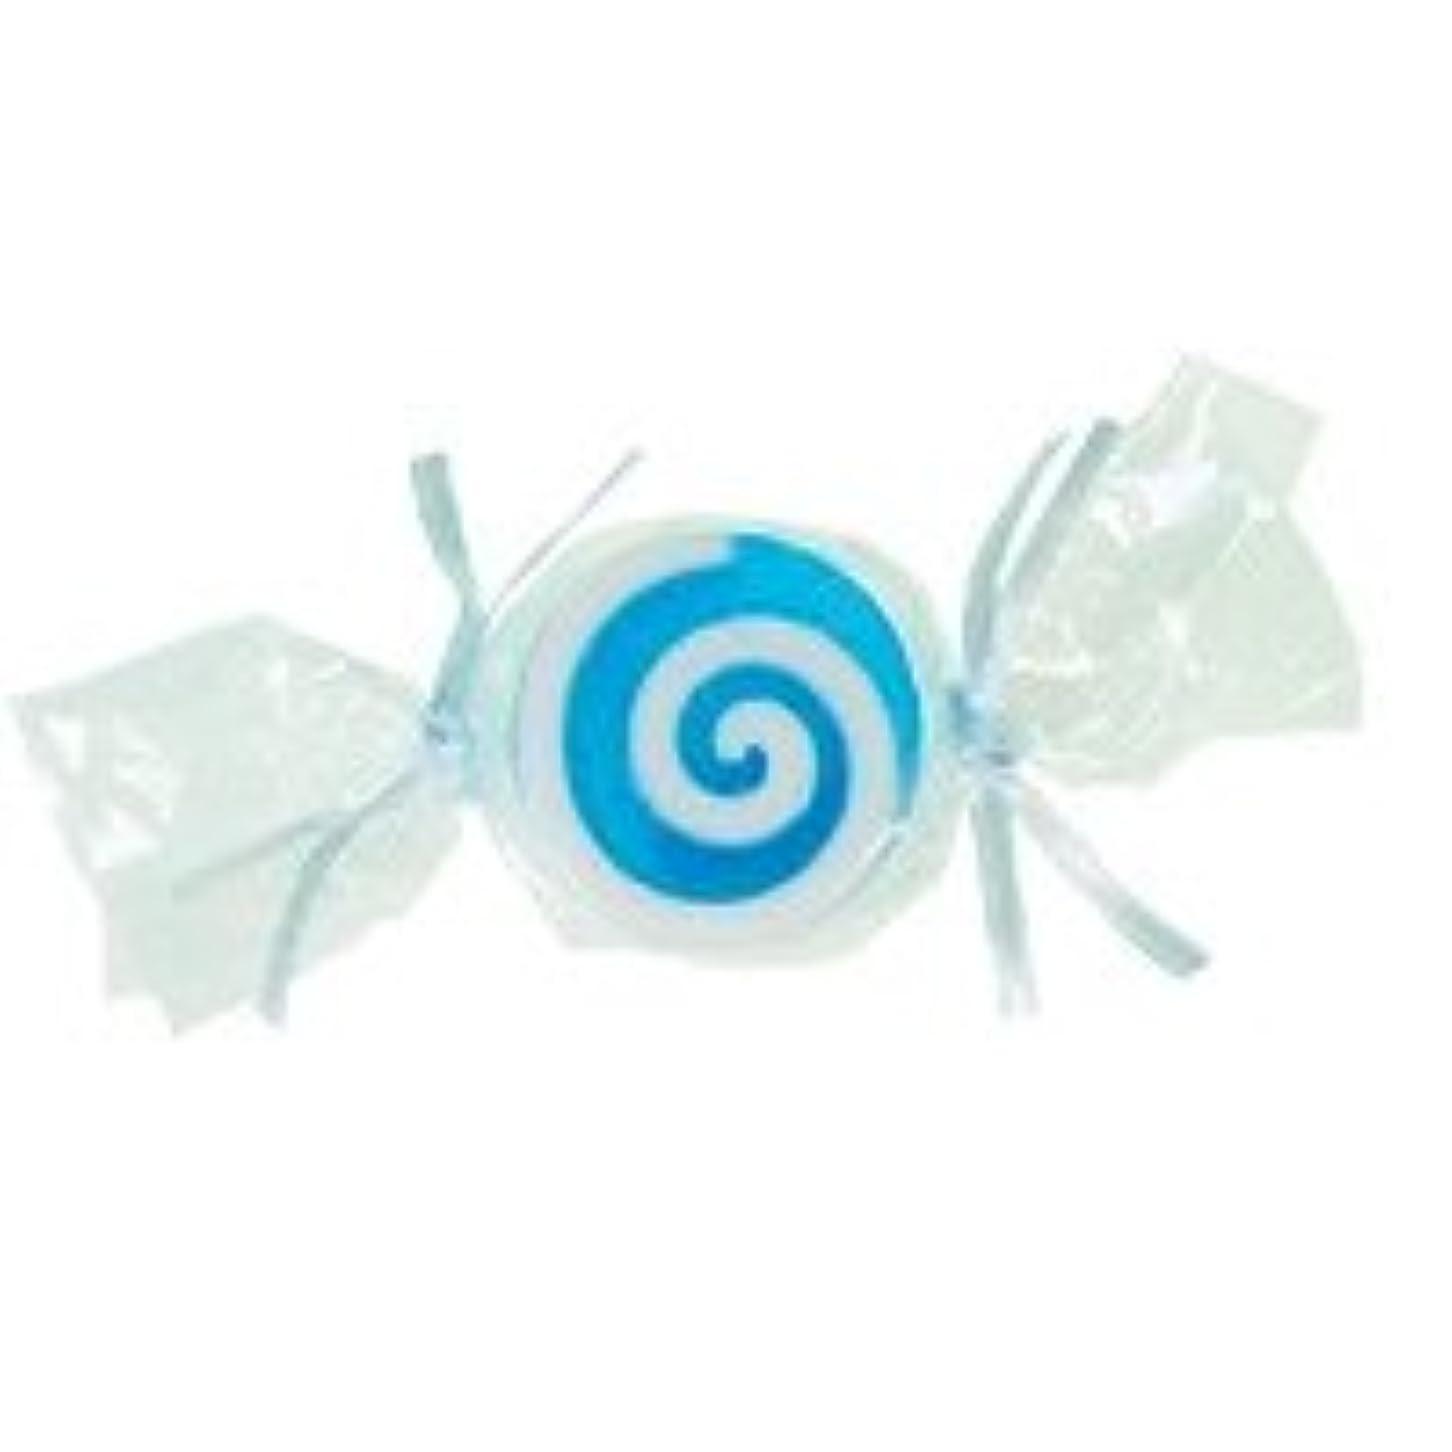 懐疑論ラベ獲物ベジタブルソープ キャンディ「ブルー」20個セット ハニーメロンの香り